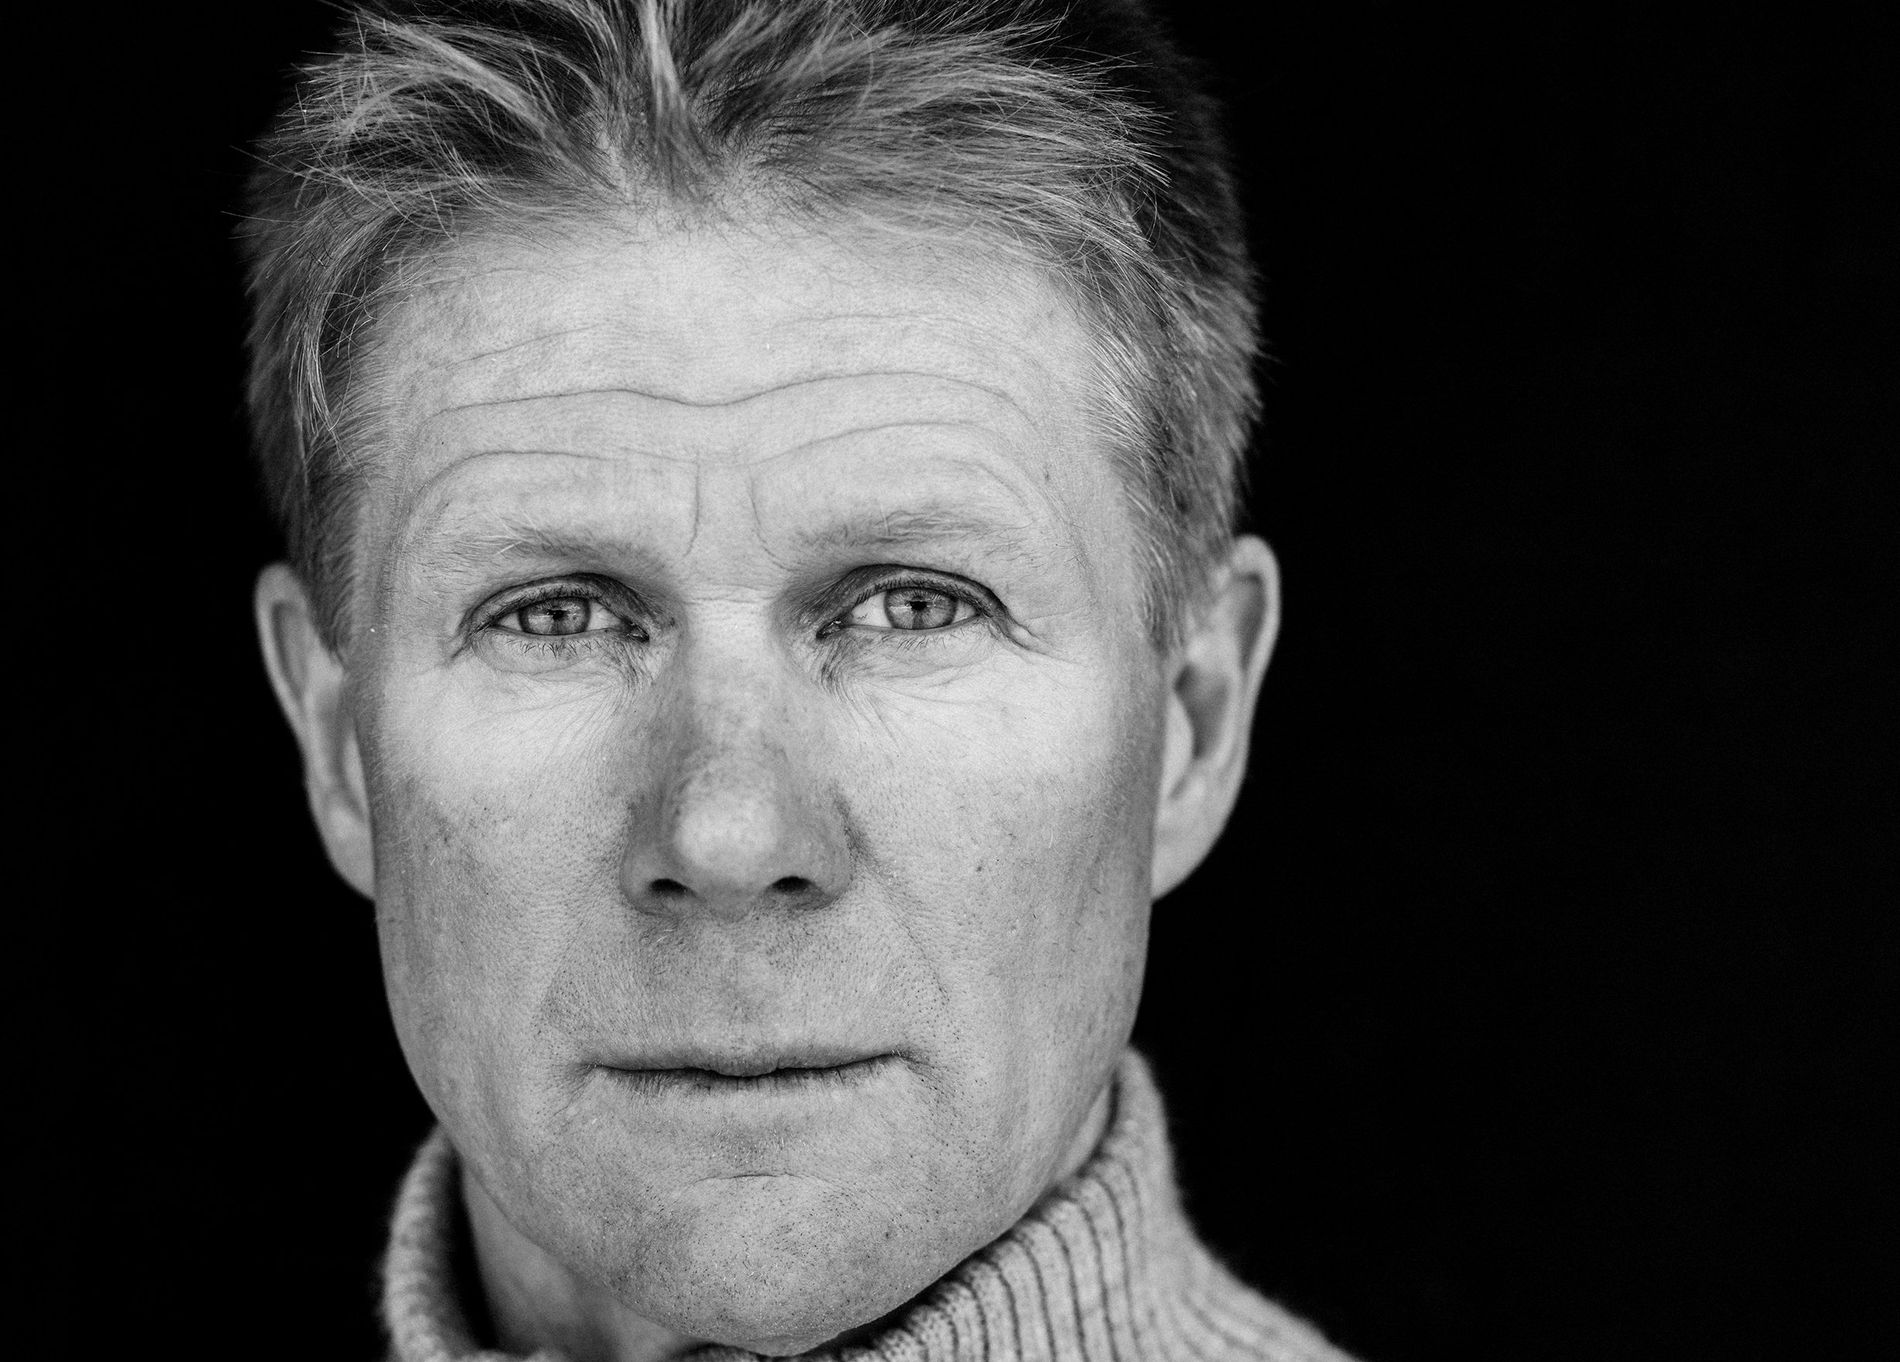 LØP OG KJØP: Tore Kvævens «Når landet mørknar» er en av årets norske romaner som vil få mye oppmerksomhet, tror VGs anmelder Tom Egeland.